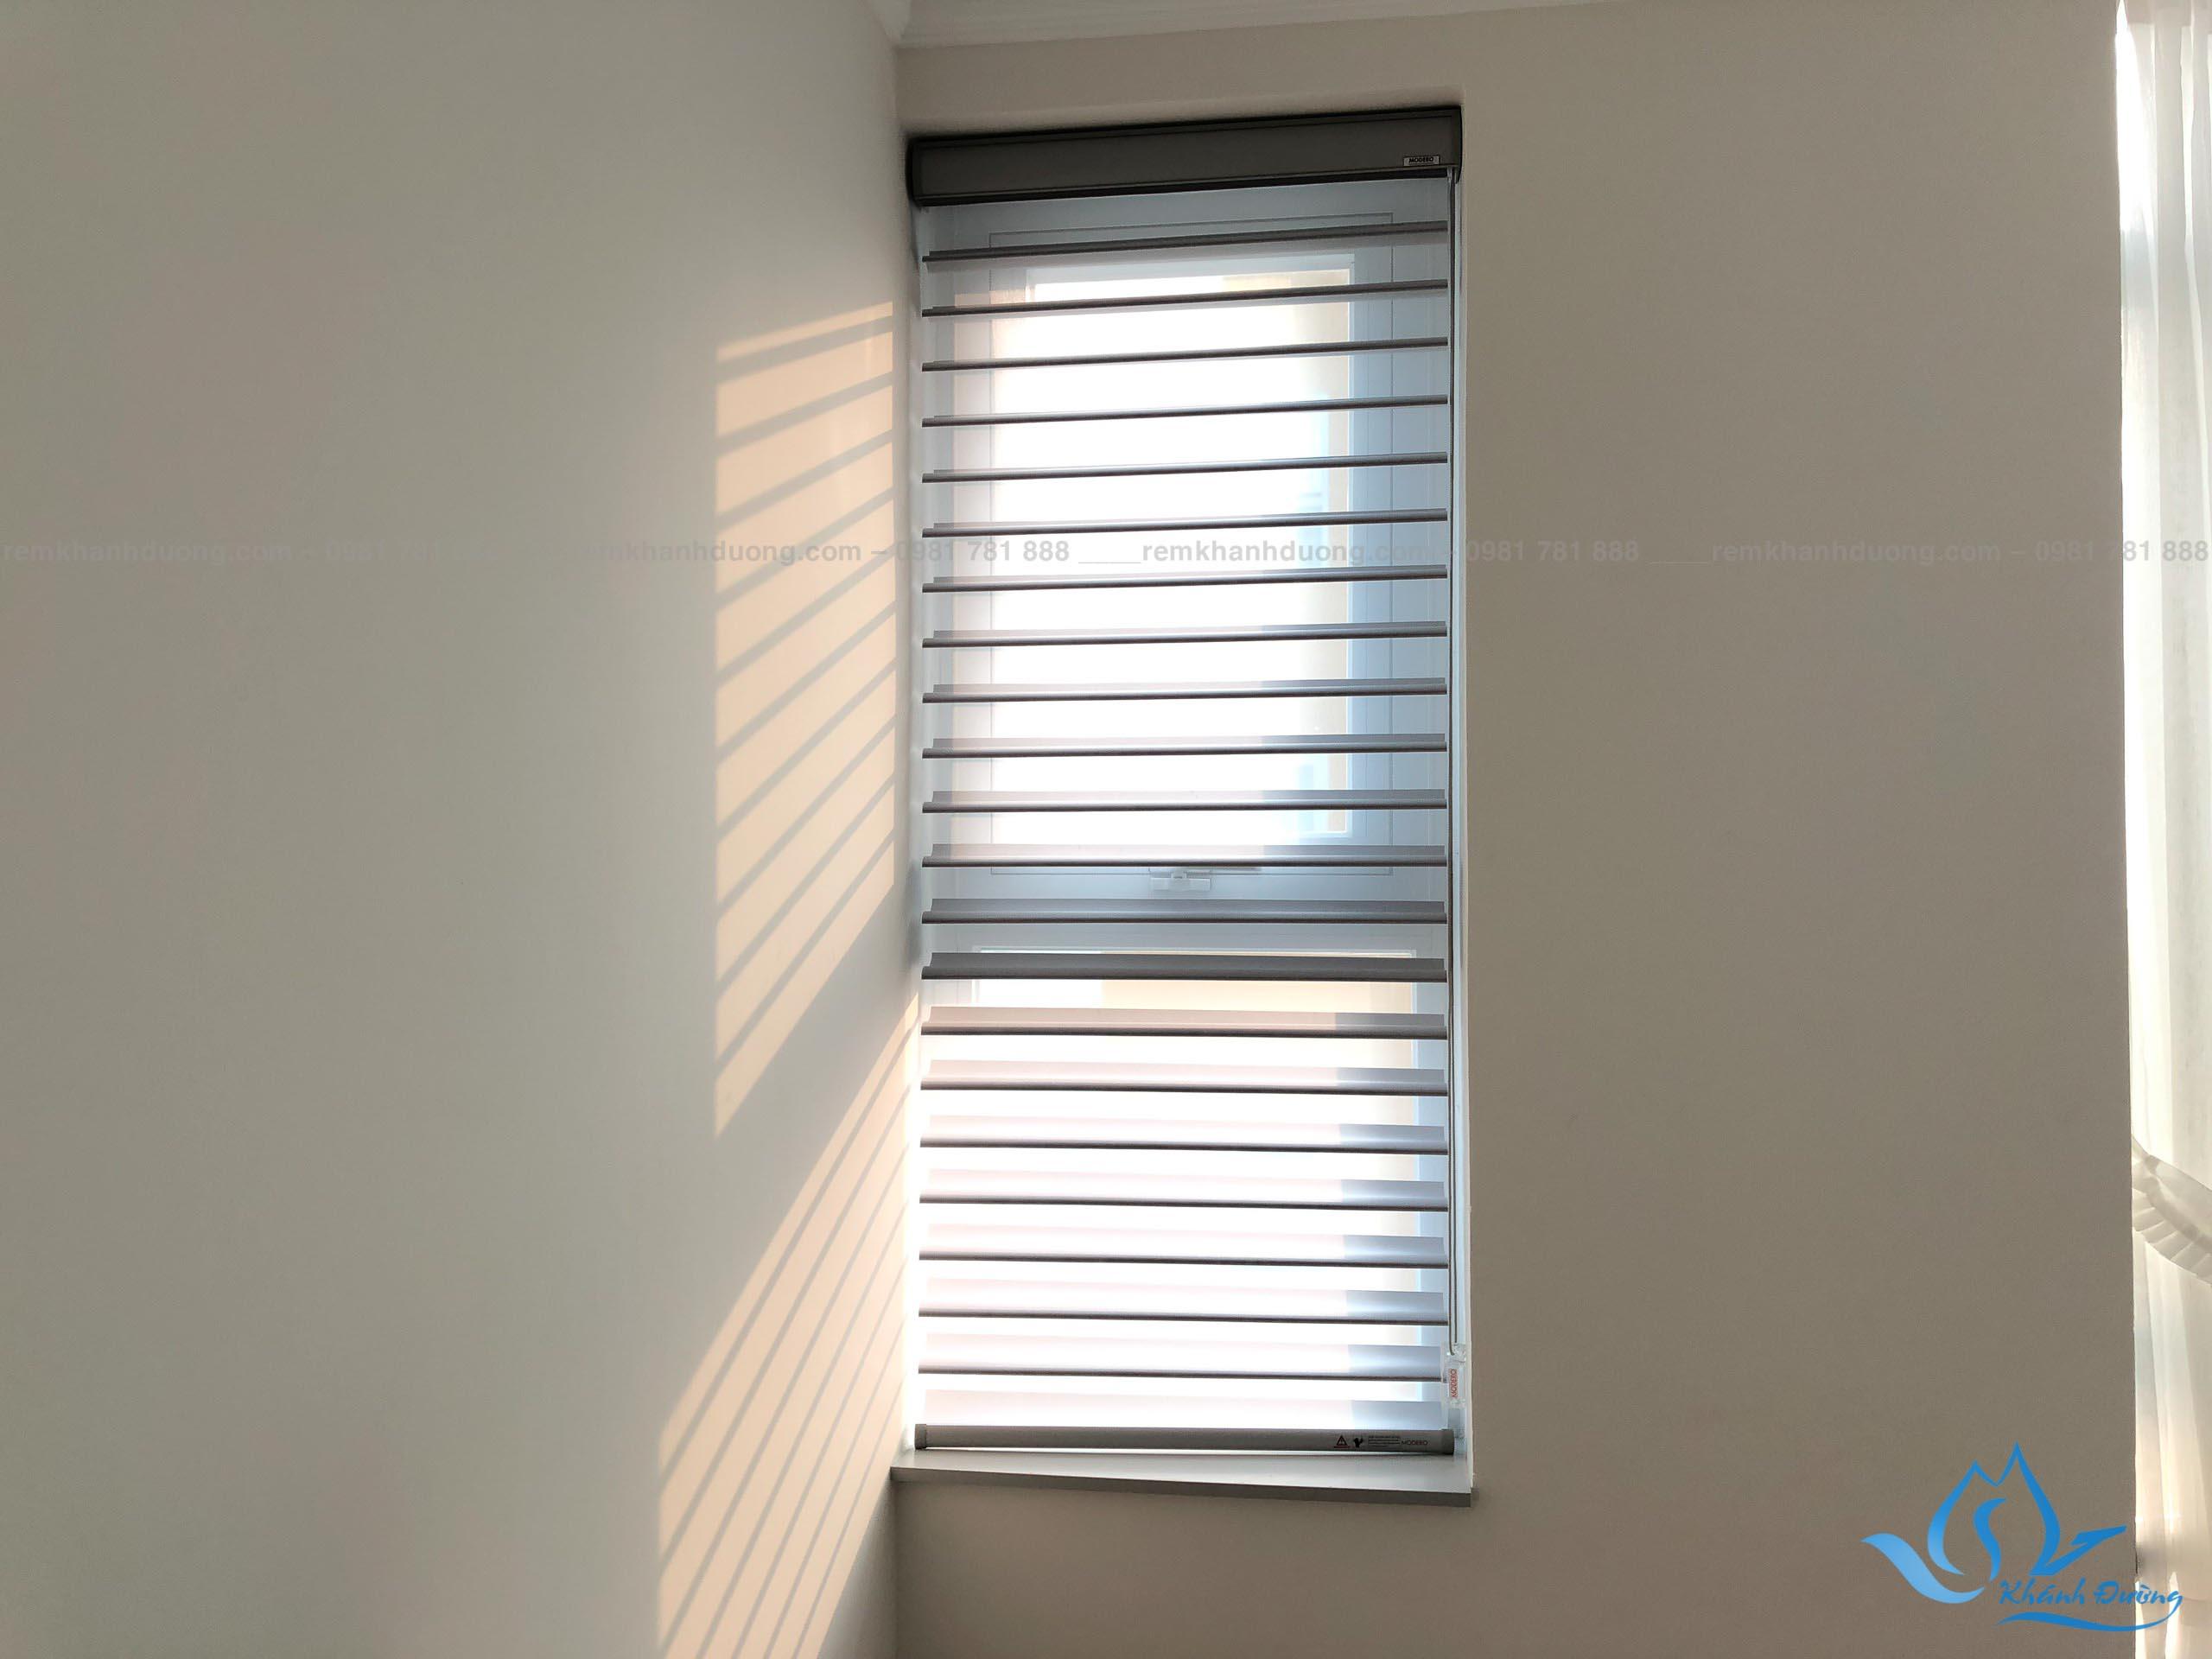 Mẫu 7 rèm cửa mành ngang màu ghi cao cấp tại Thanh Xuân